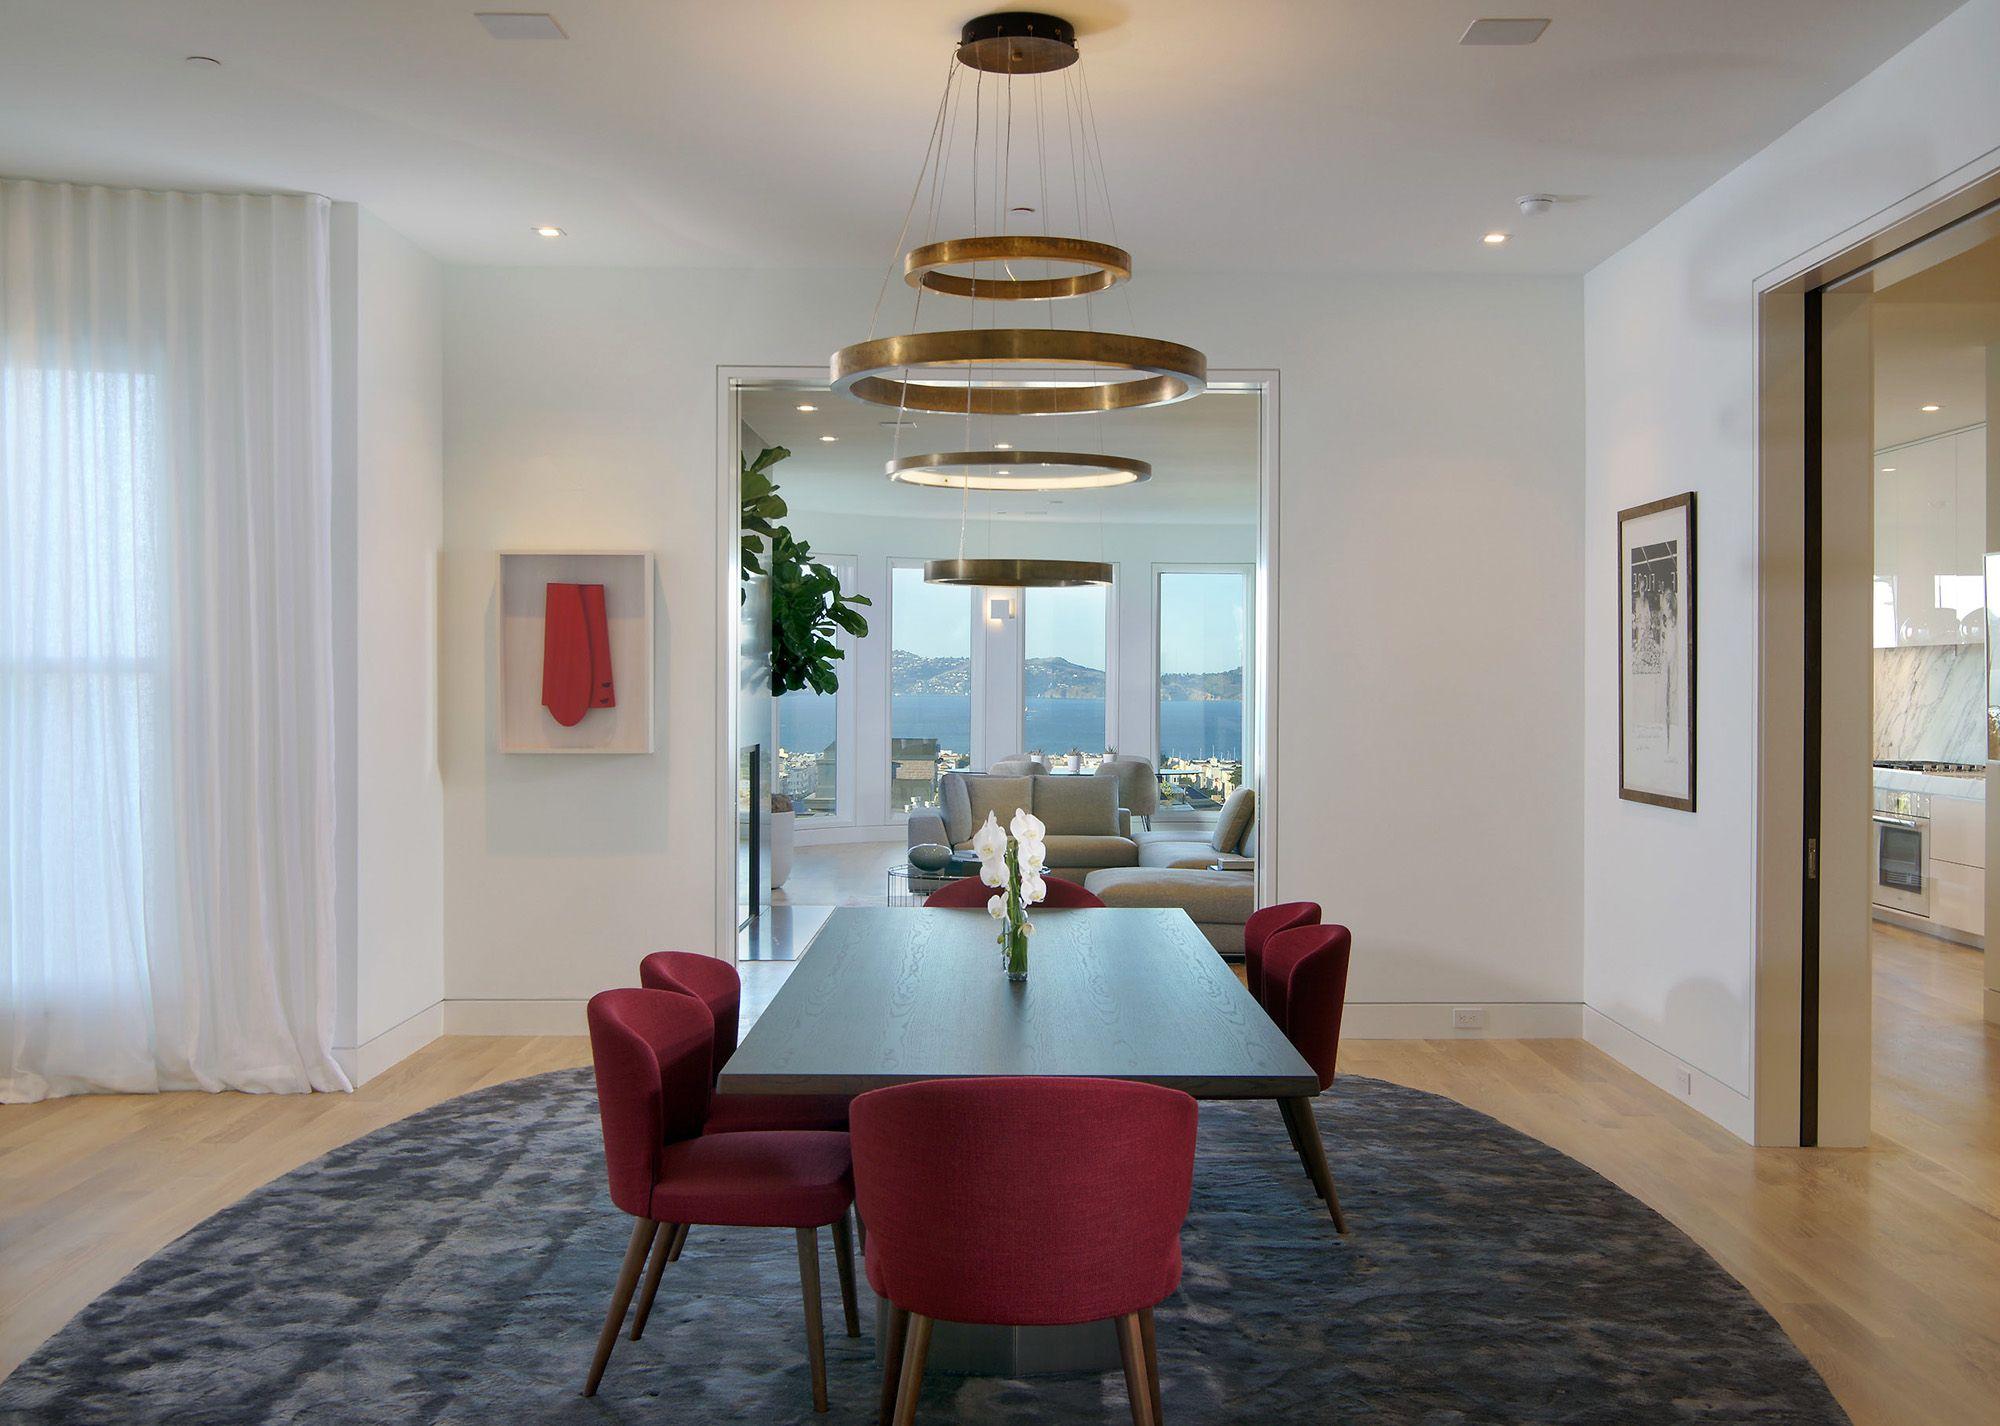 Beaux Arts Interior Design Plans beaux arts home was designedlocal architect james francis dunn